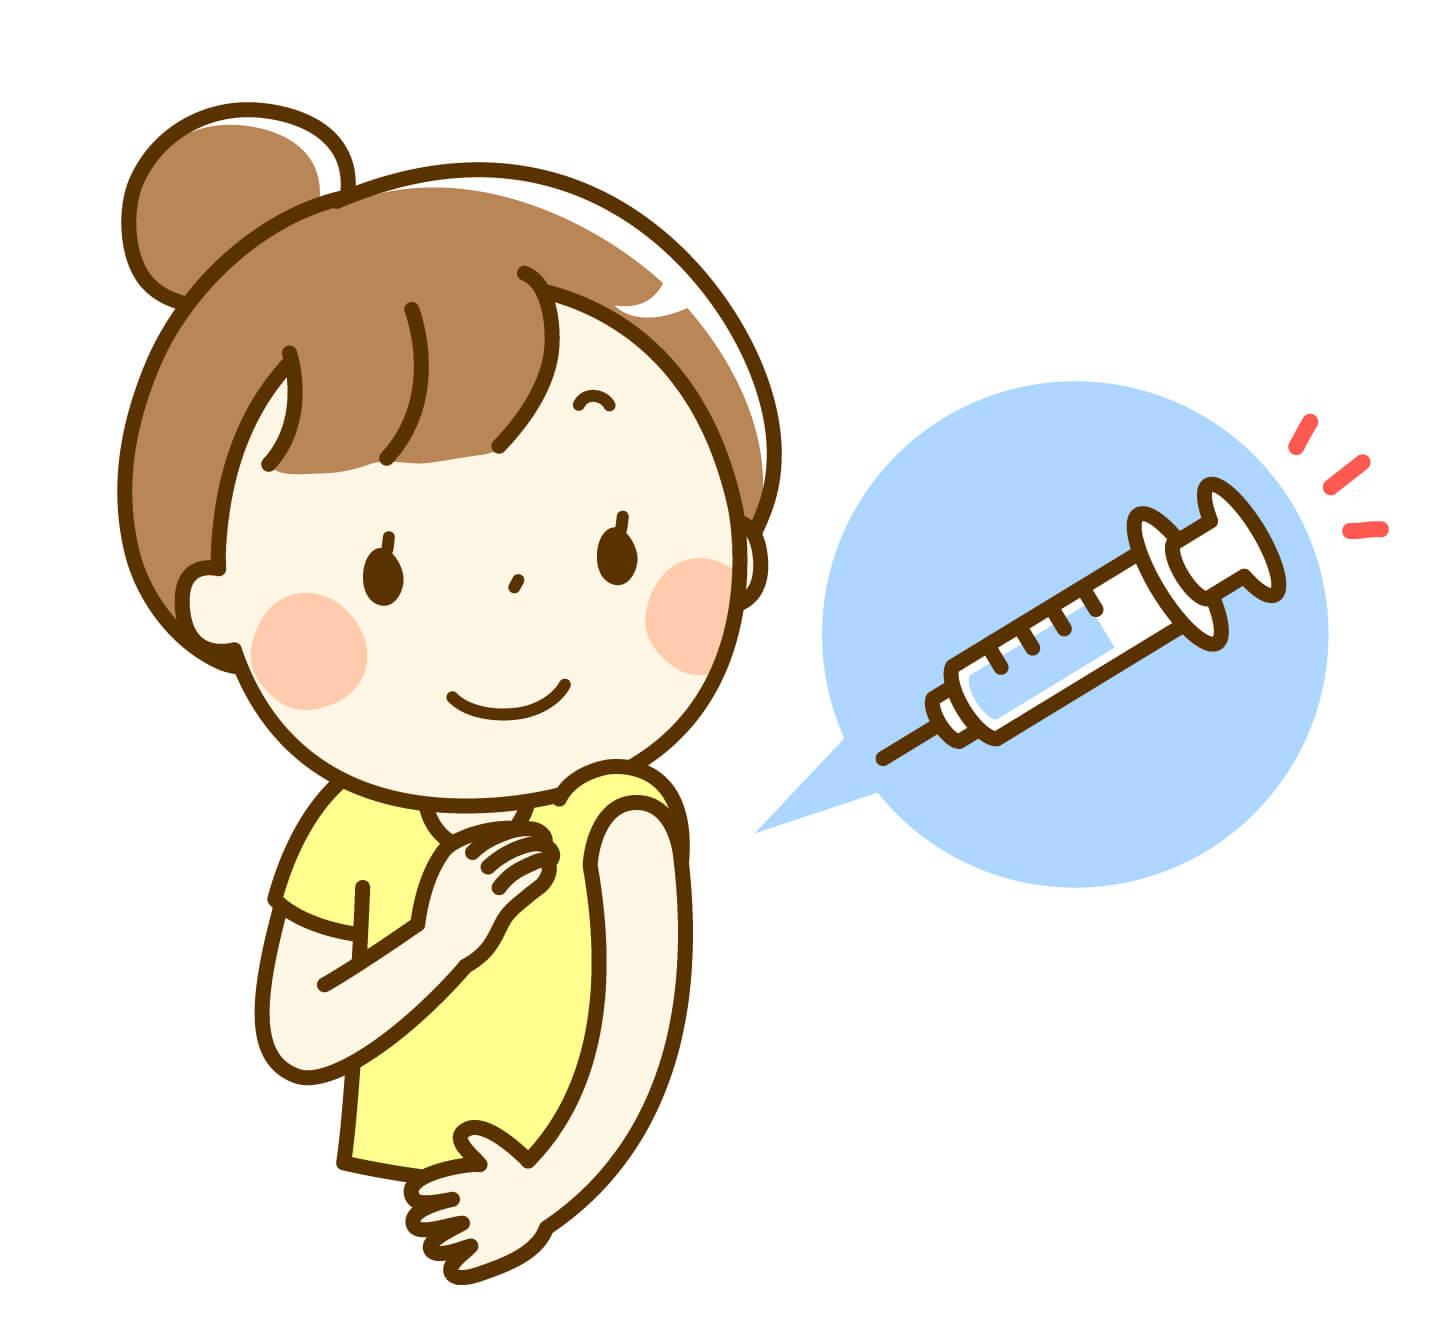 金子勝「事程左様に無能な政策を続けている」コロナウイルス対策の不備を語る〜10月15日「大竹まこと ゴールデンラジオ」